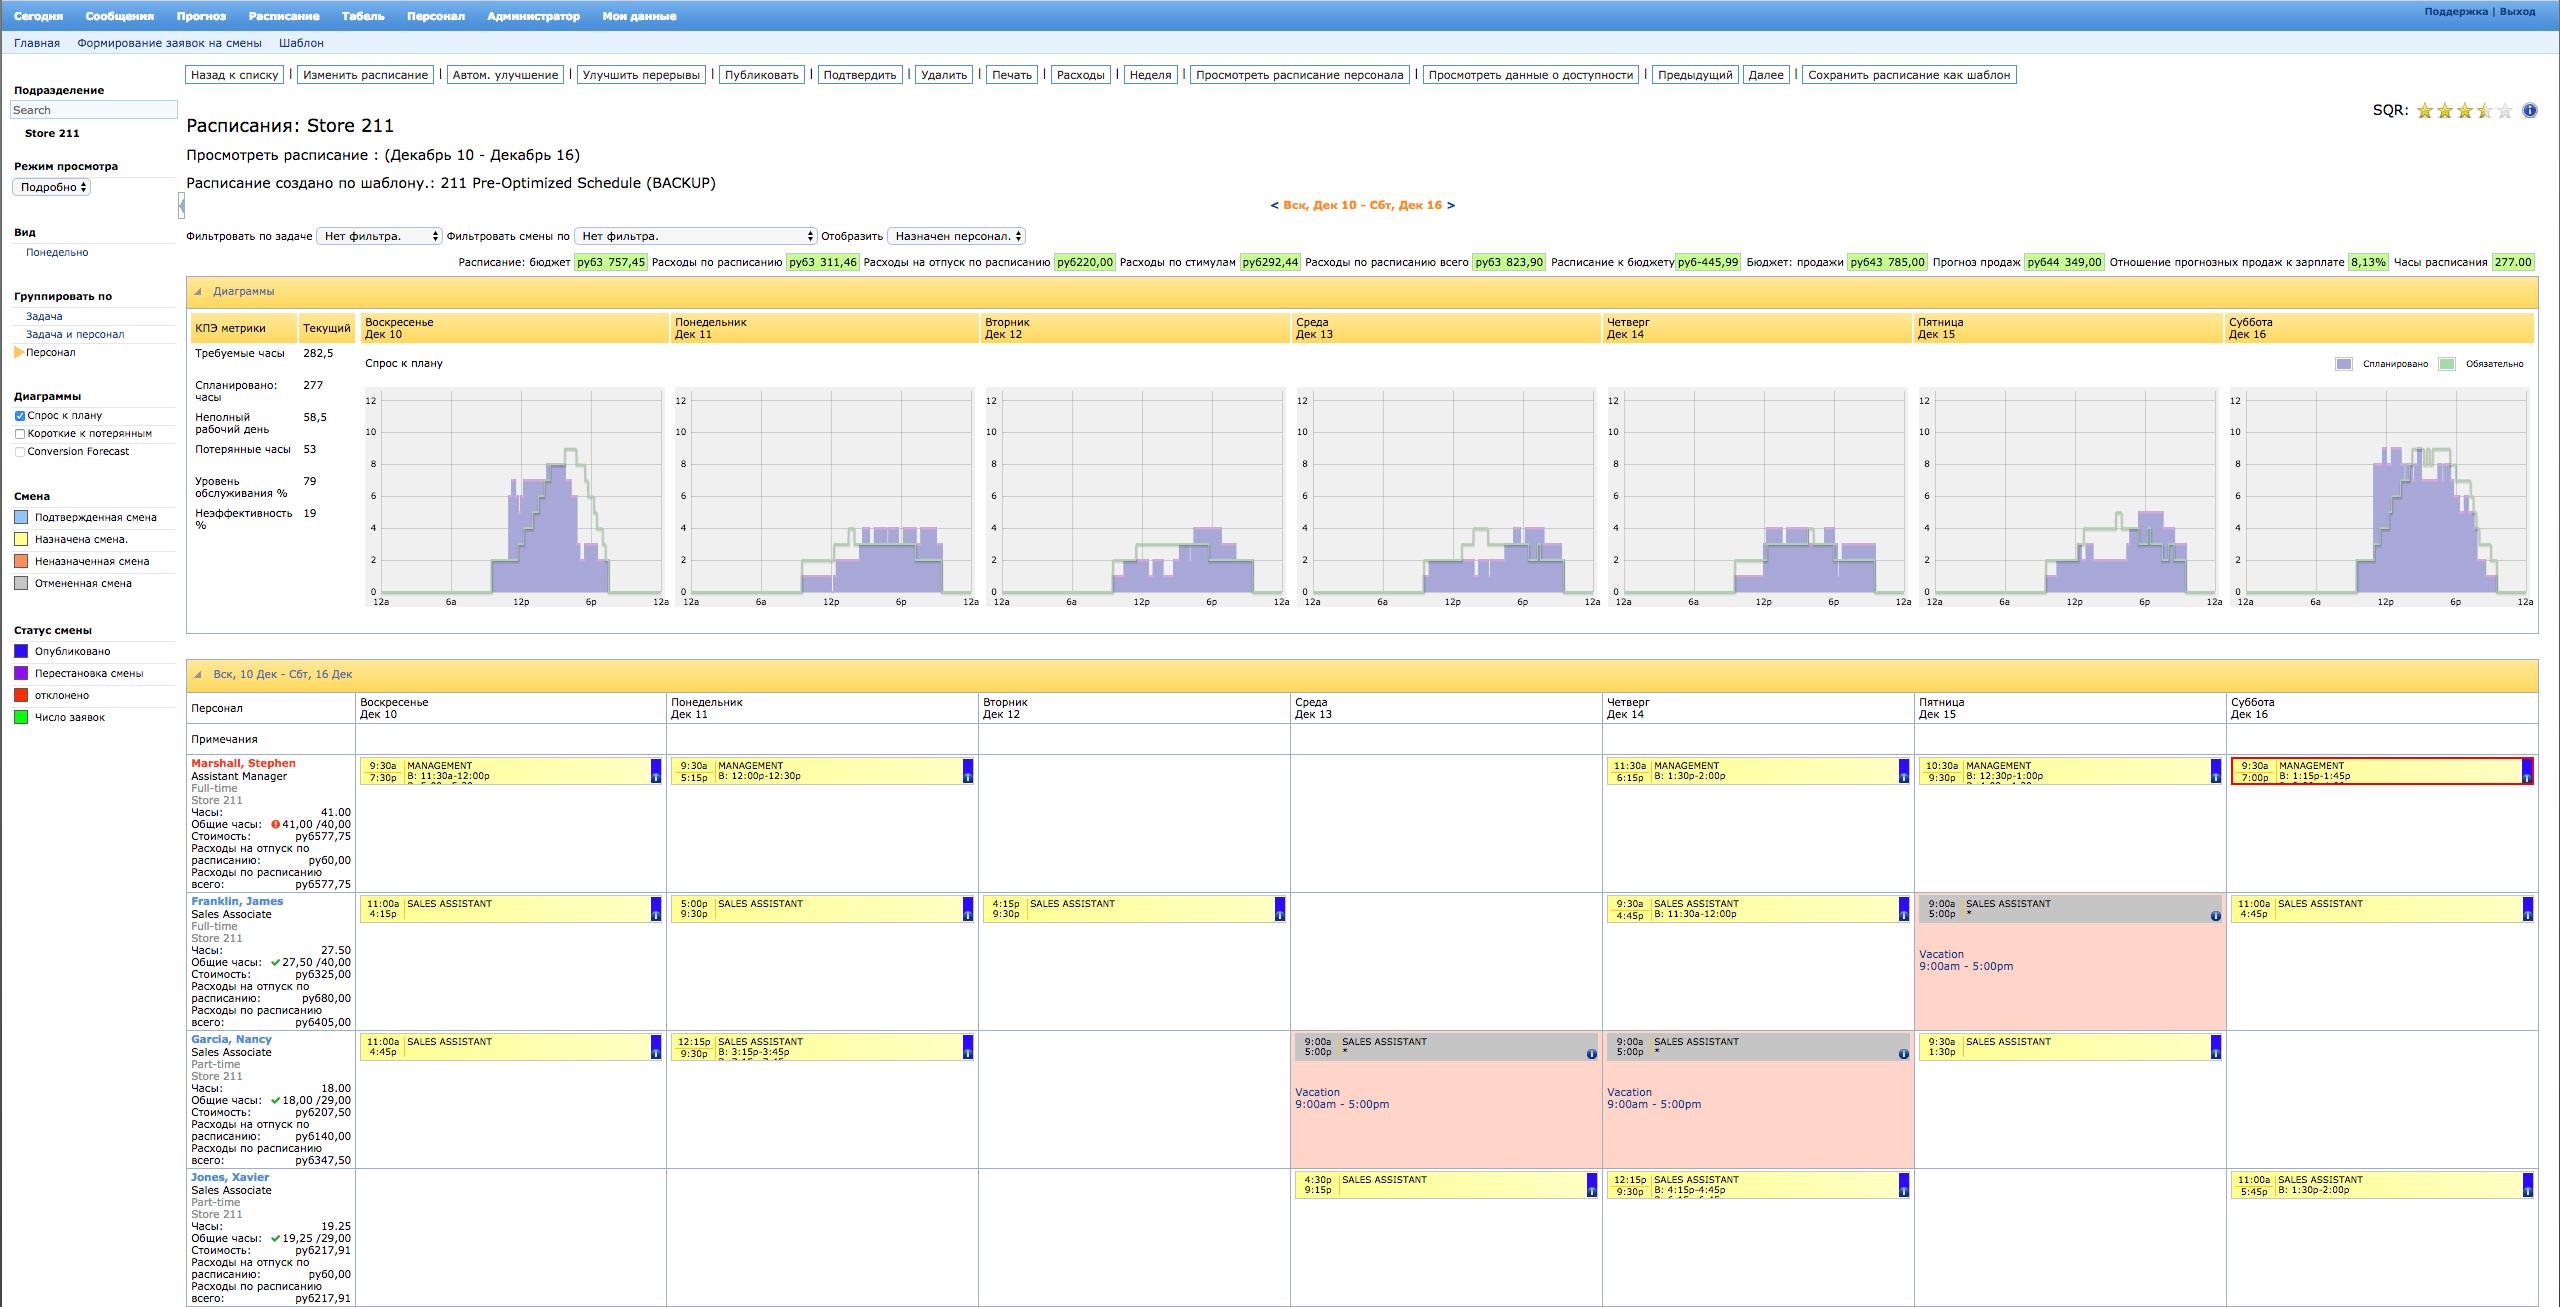 Интерфейс менеджера по планированию SAP Workforce Forecasting and Scheduling.